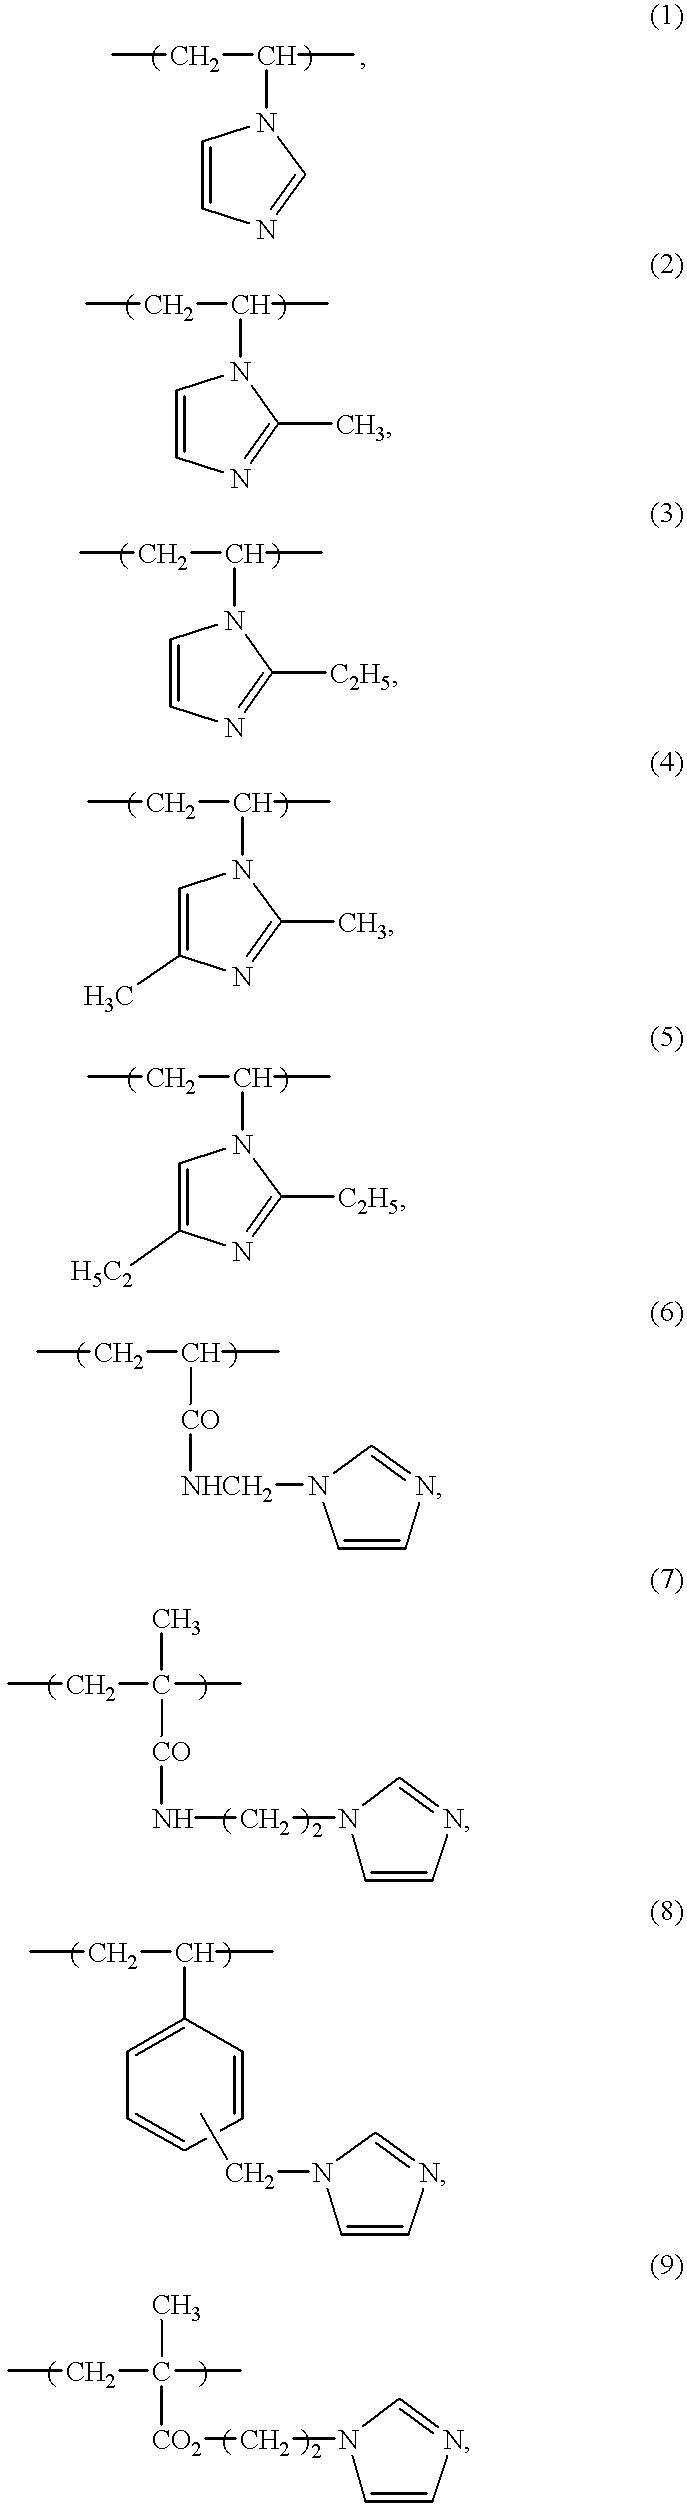 Figure US06183851-20010206-C00004